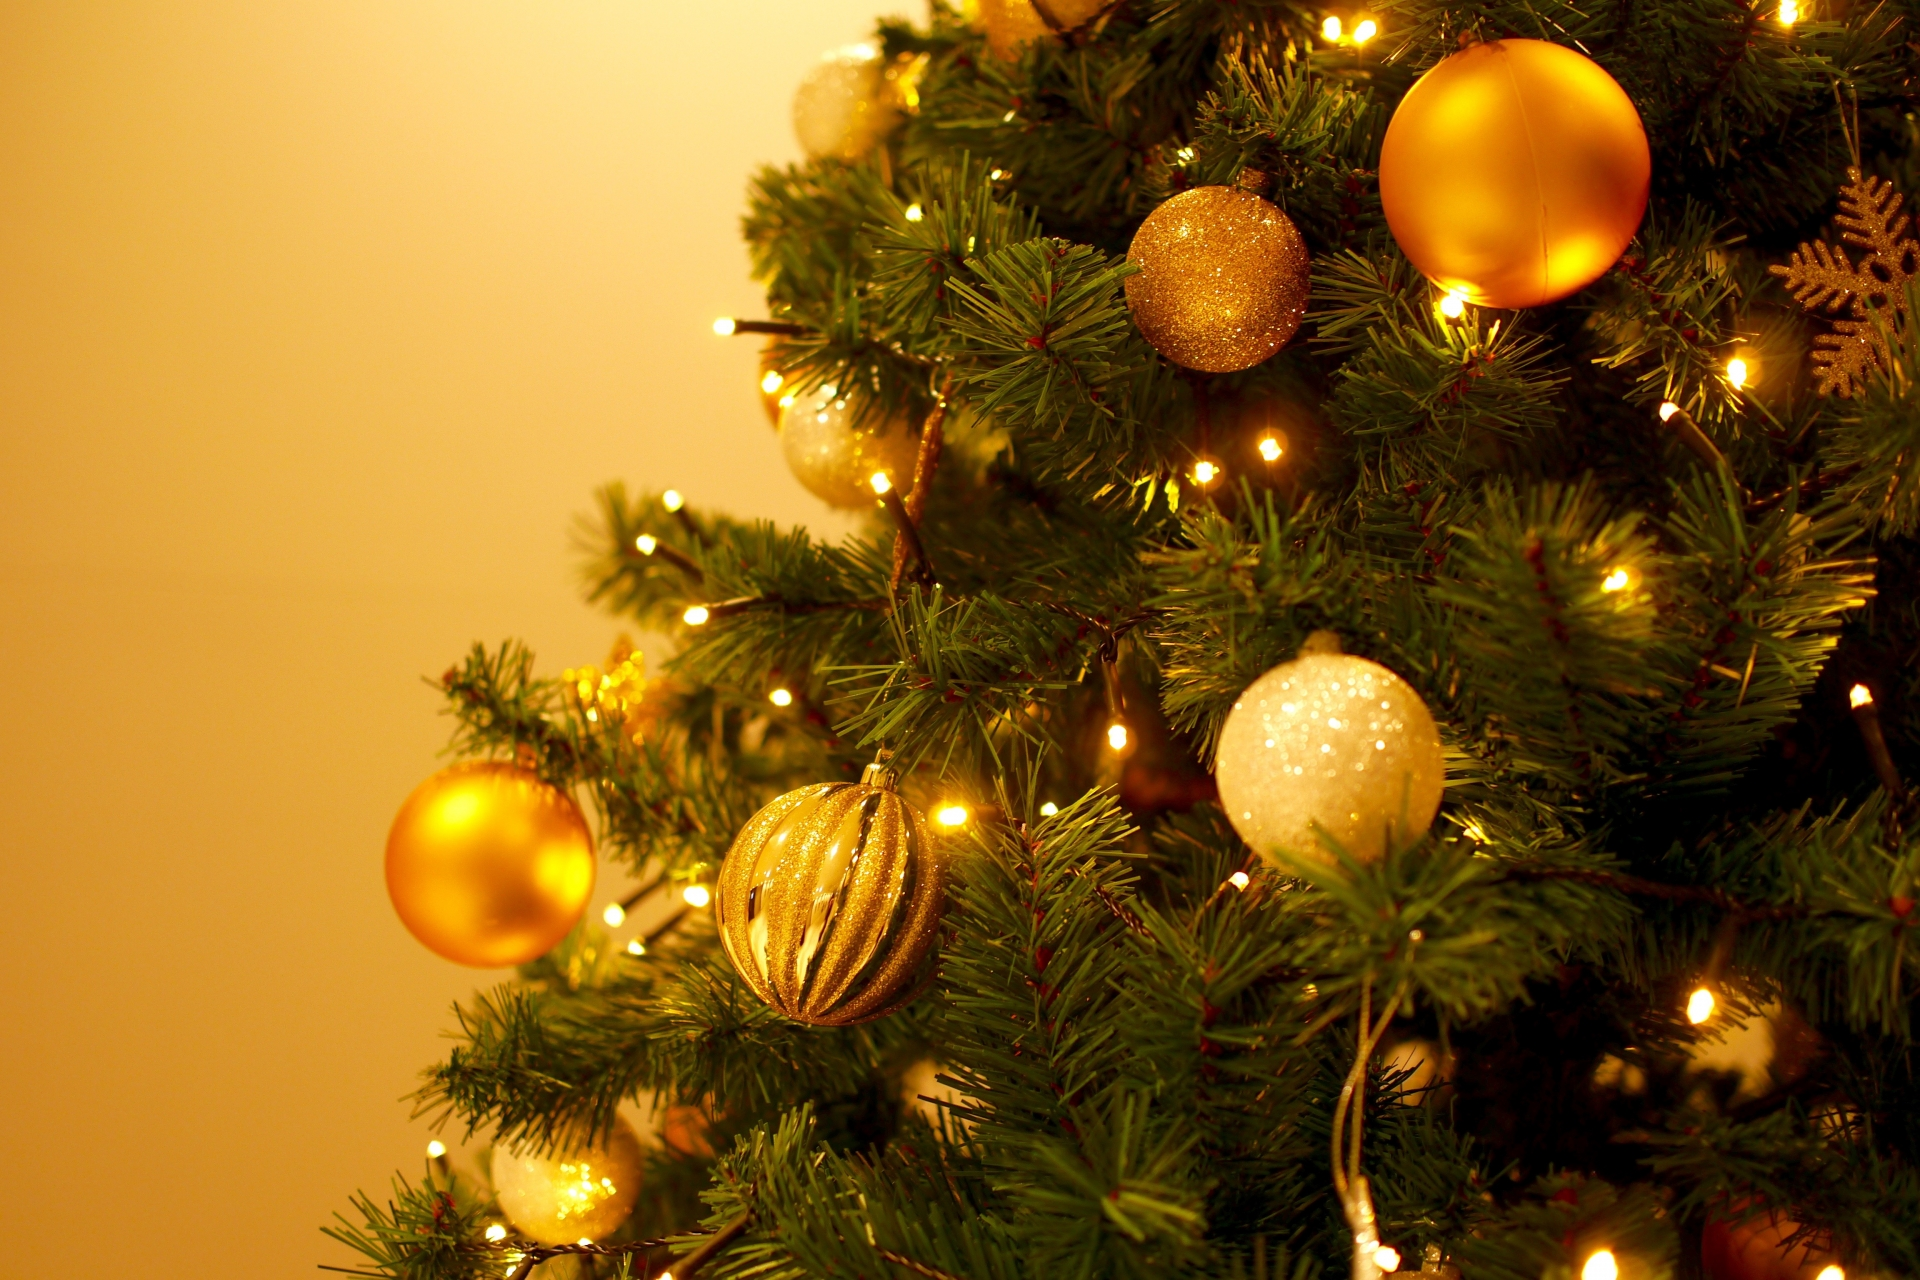 限定25本クリスマススペシャルバージョンVEGGI de PANは残りあと5本となりました。